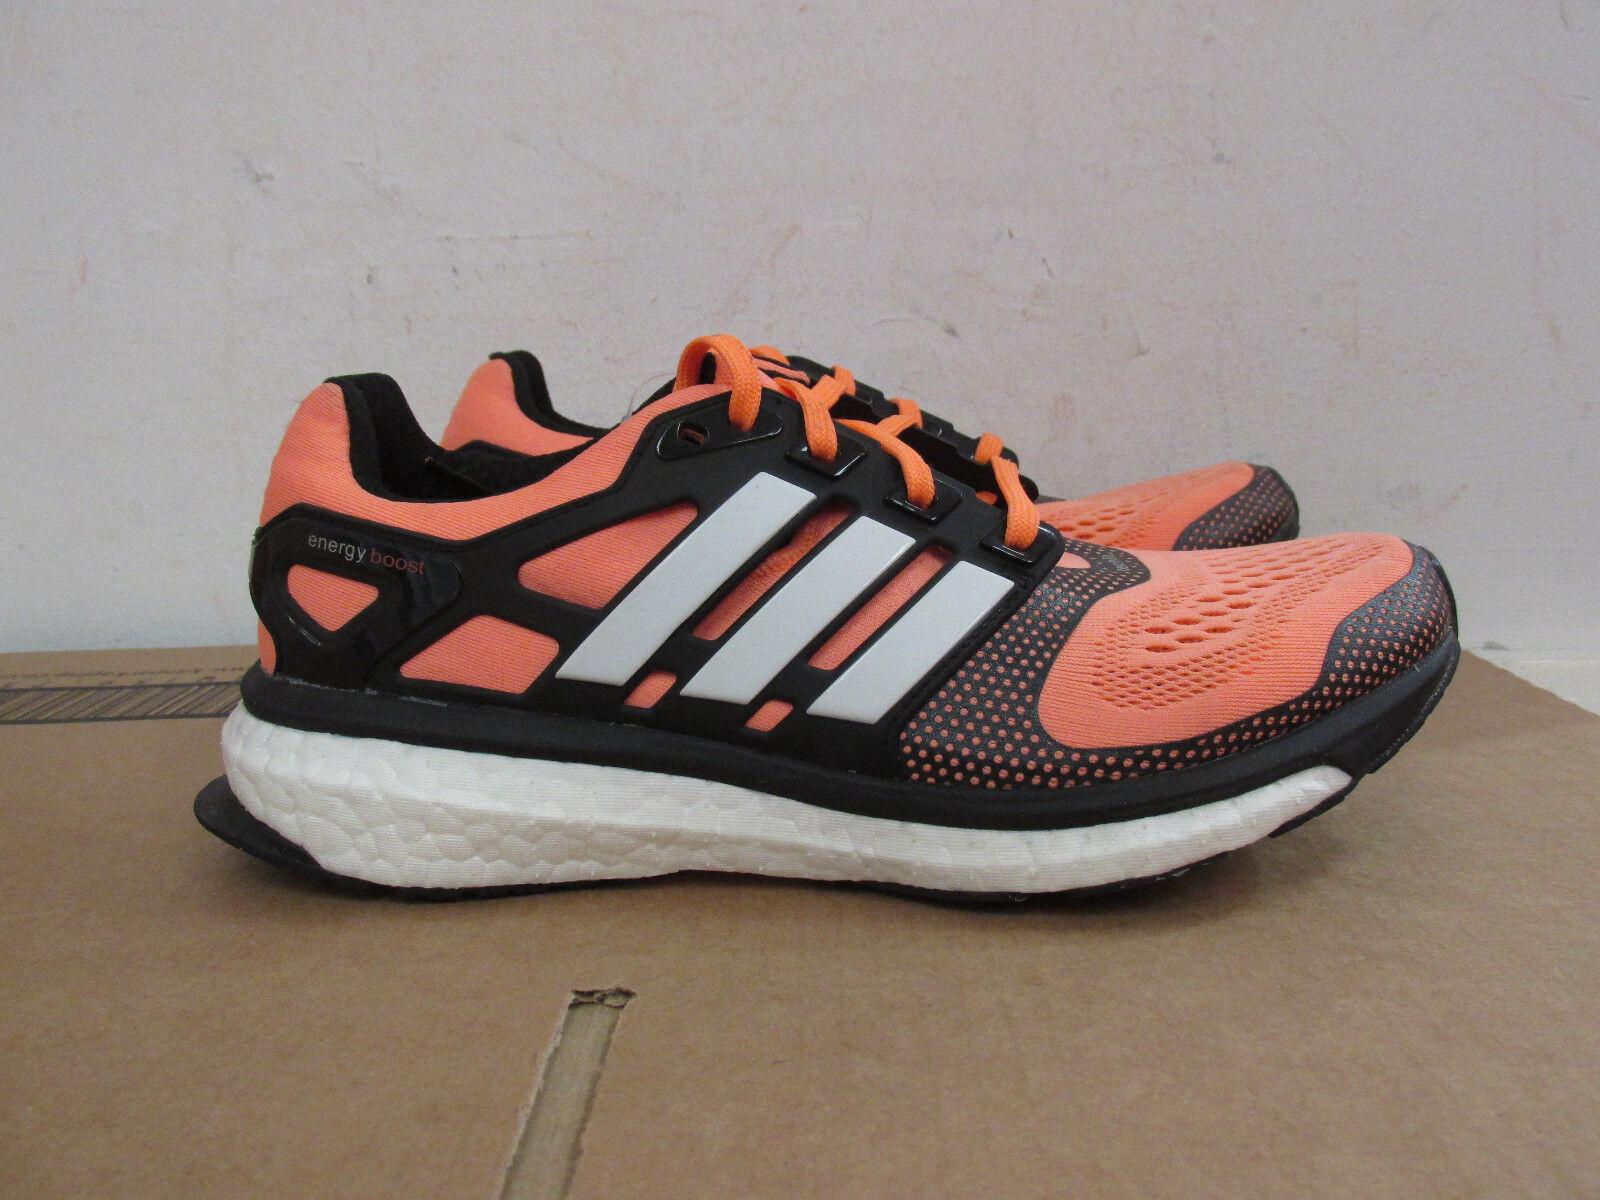 Adidas Adidas Adidas Energy Boost Esm Baskets de Course pour Femmes B40903 Enlèvement 4153ec